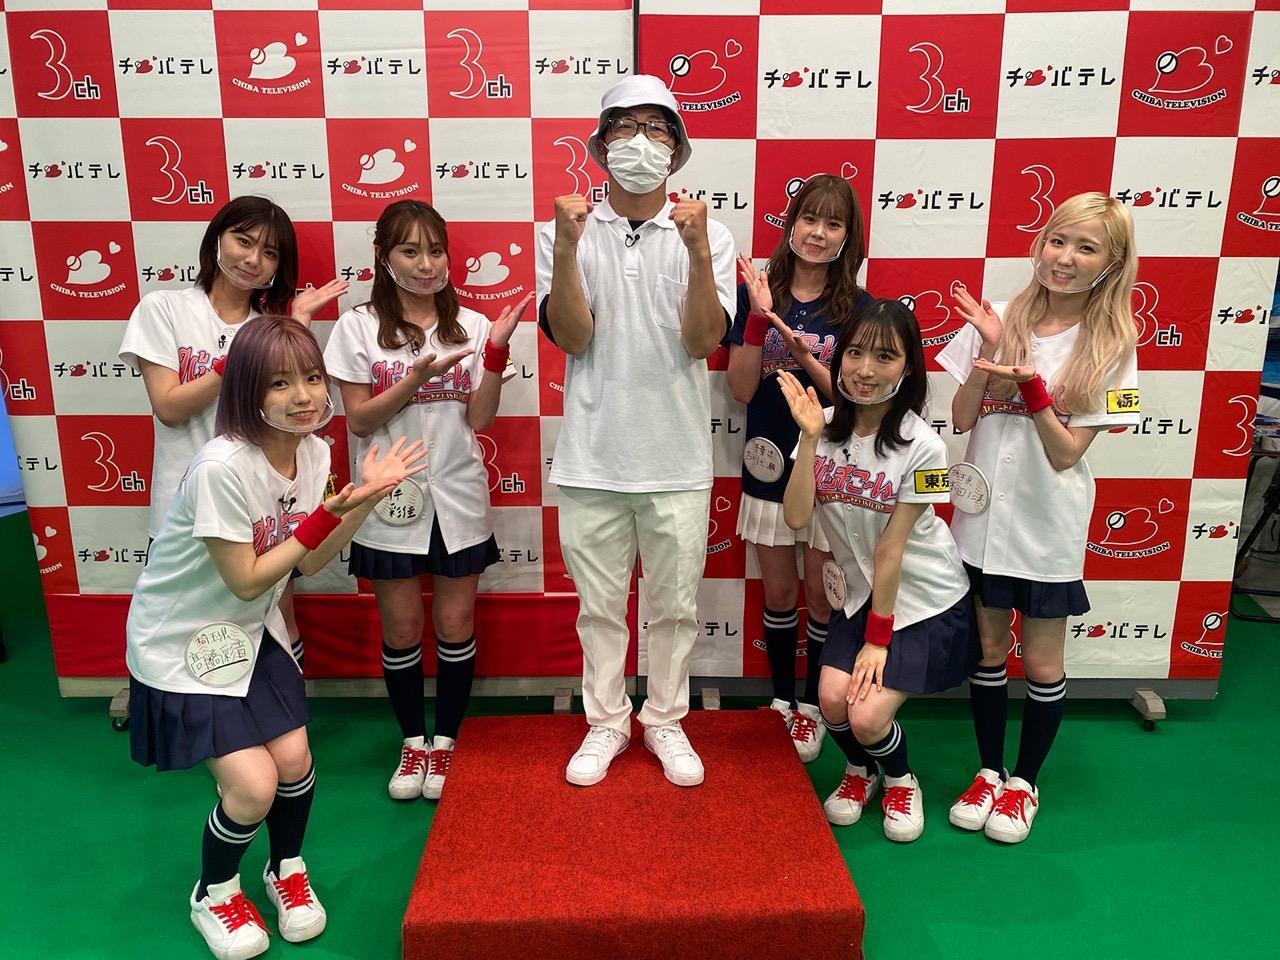 「AKB48チーム8のKANTO白書 バッチこーい!」#96:バッチバチ!5年目突入記念!拓ちゃんとチバテレてくてく散歩!【2021.10.3 23:30〜 千葉テレビ】